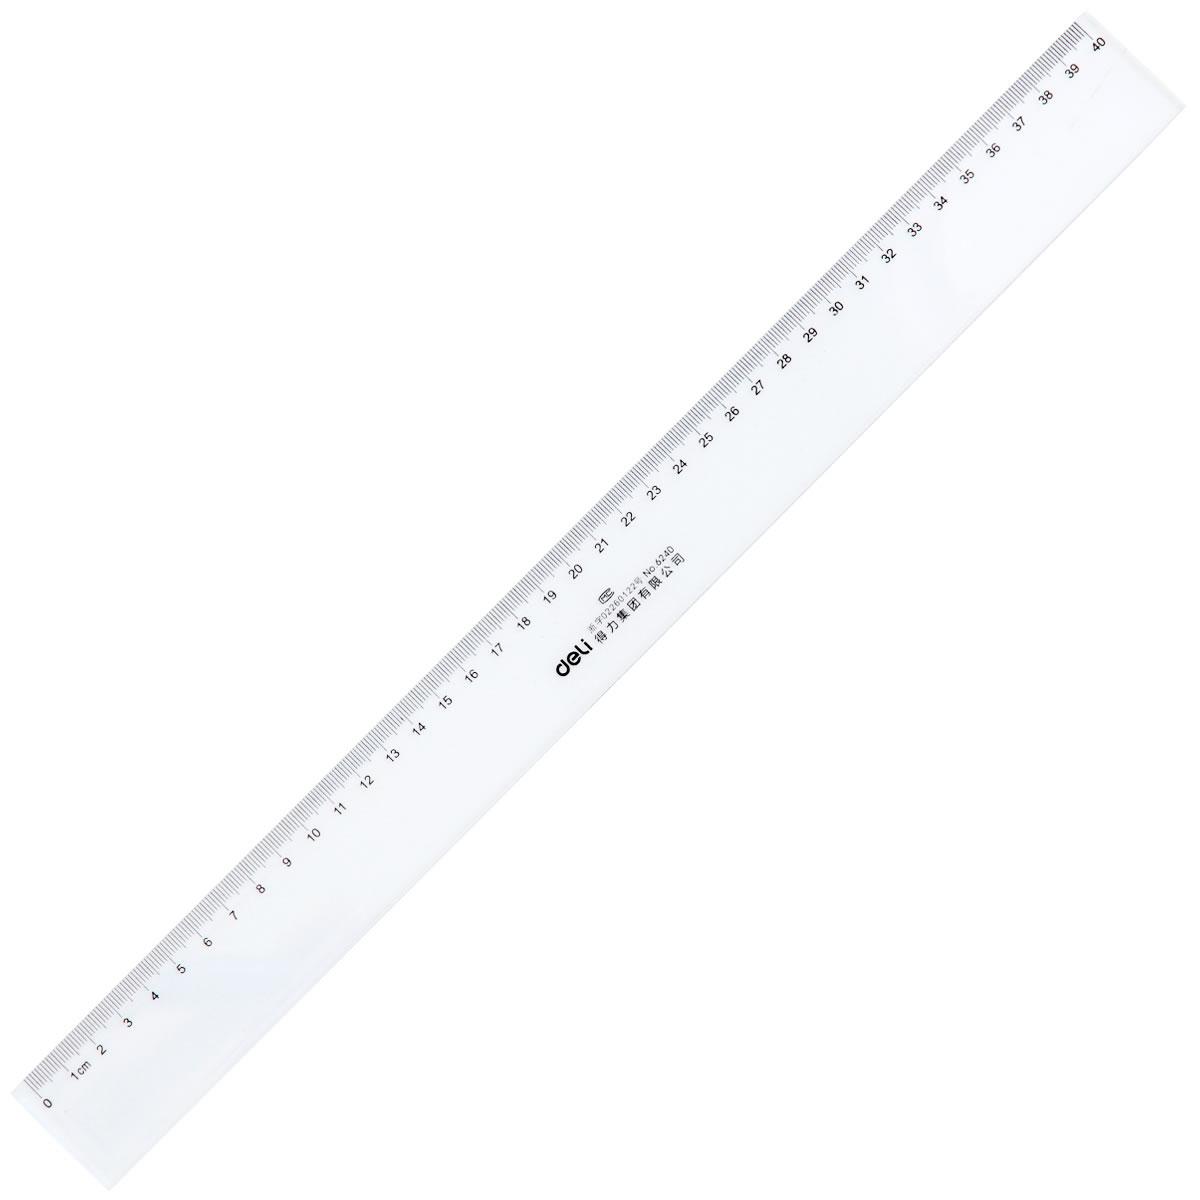 1200x1200 China Aluminium Ruler, China Aluminium Ruler Shopping Guide